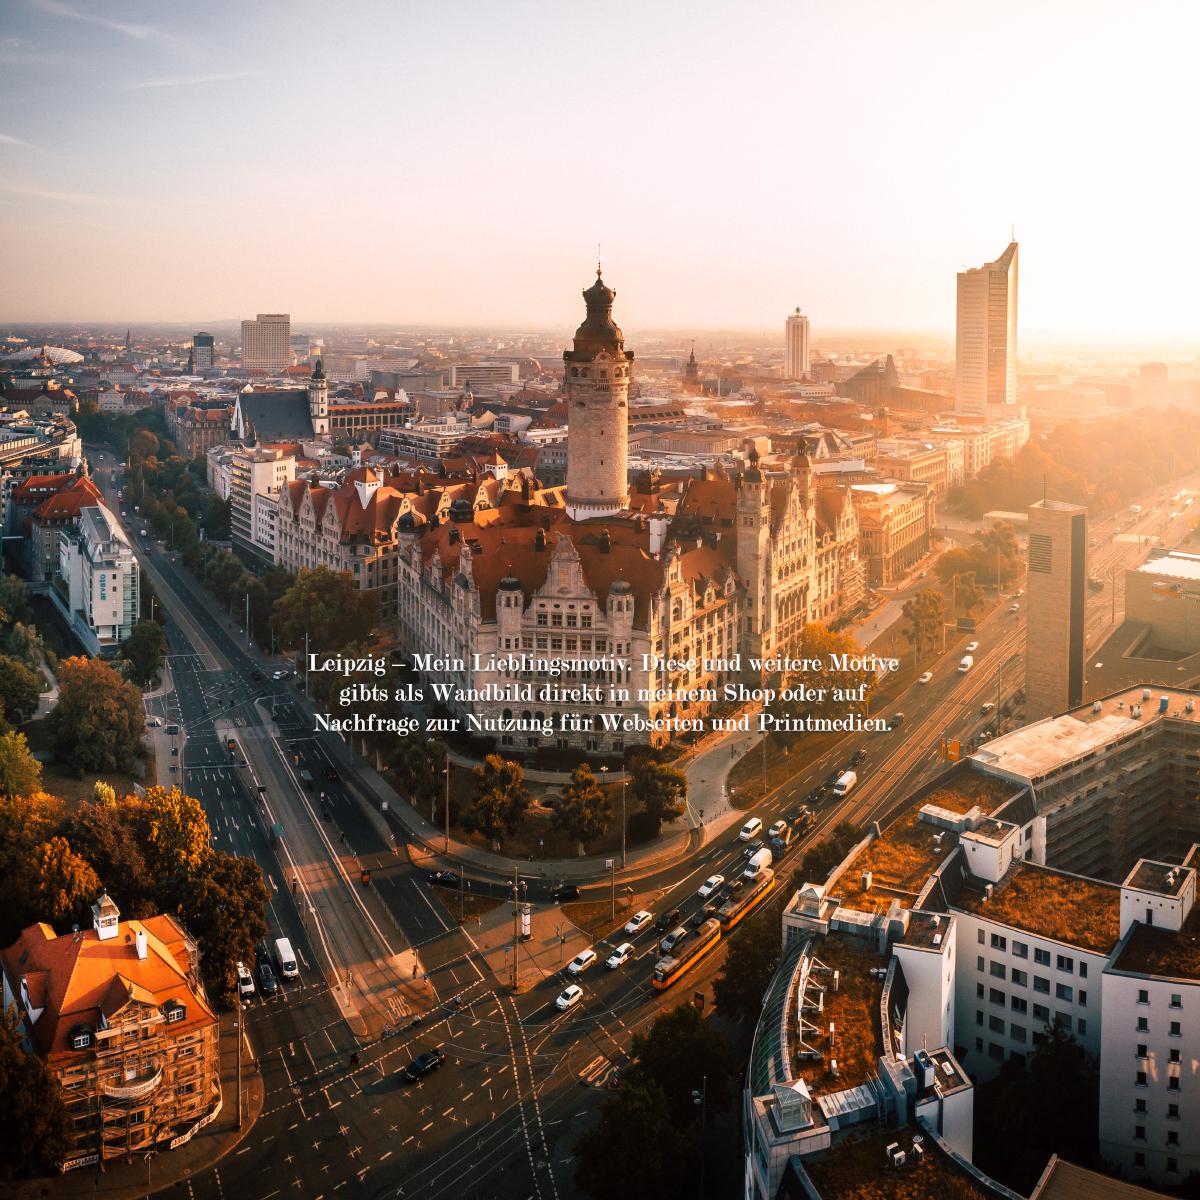 Neues Rathaus City 1zu1 bbb